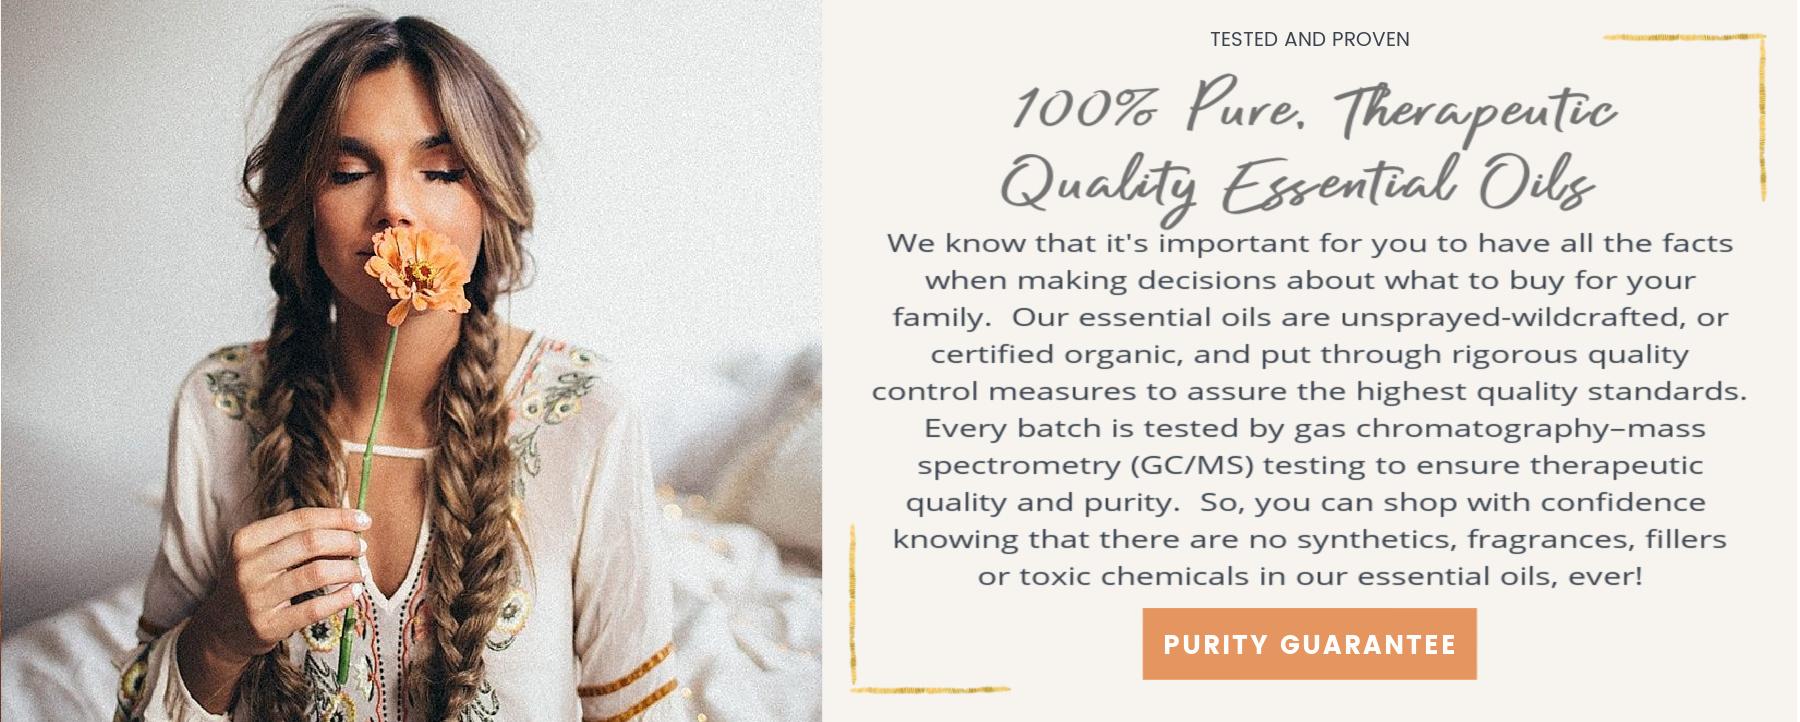 1-purity-guarantee-aromatherapy.jpg